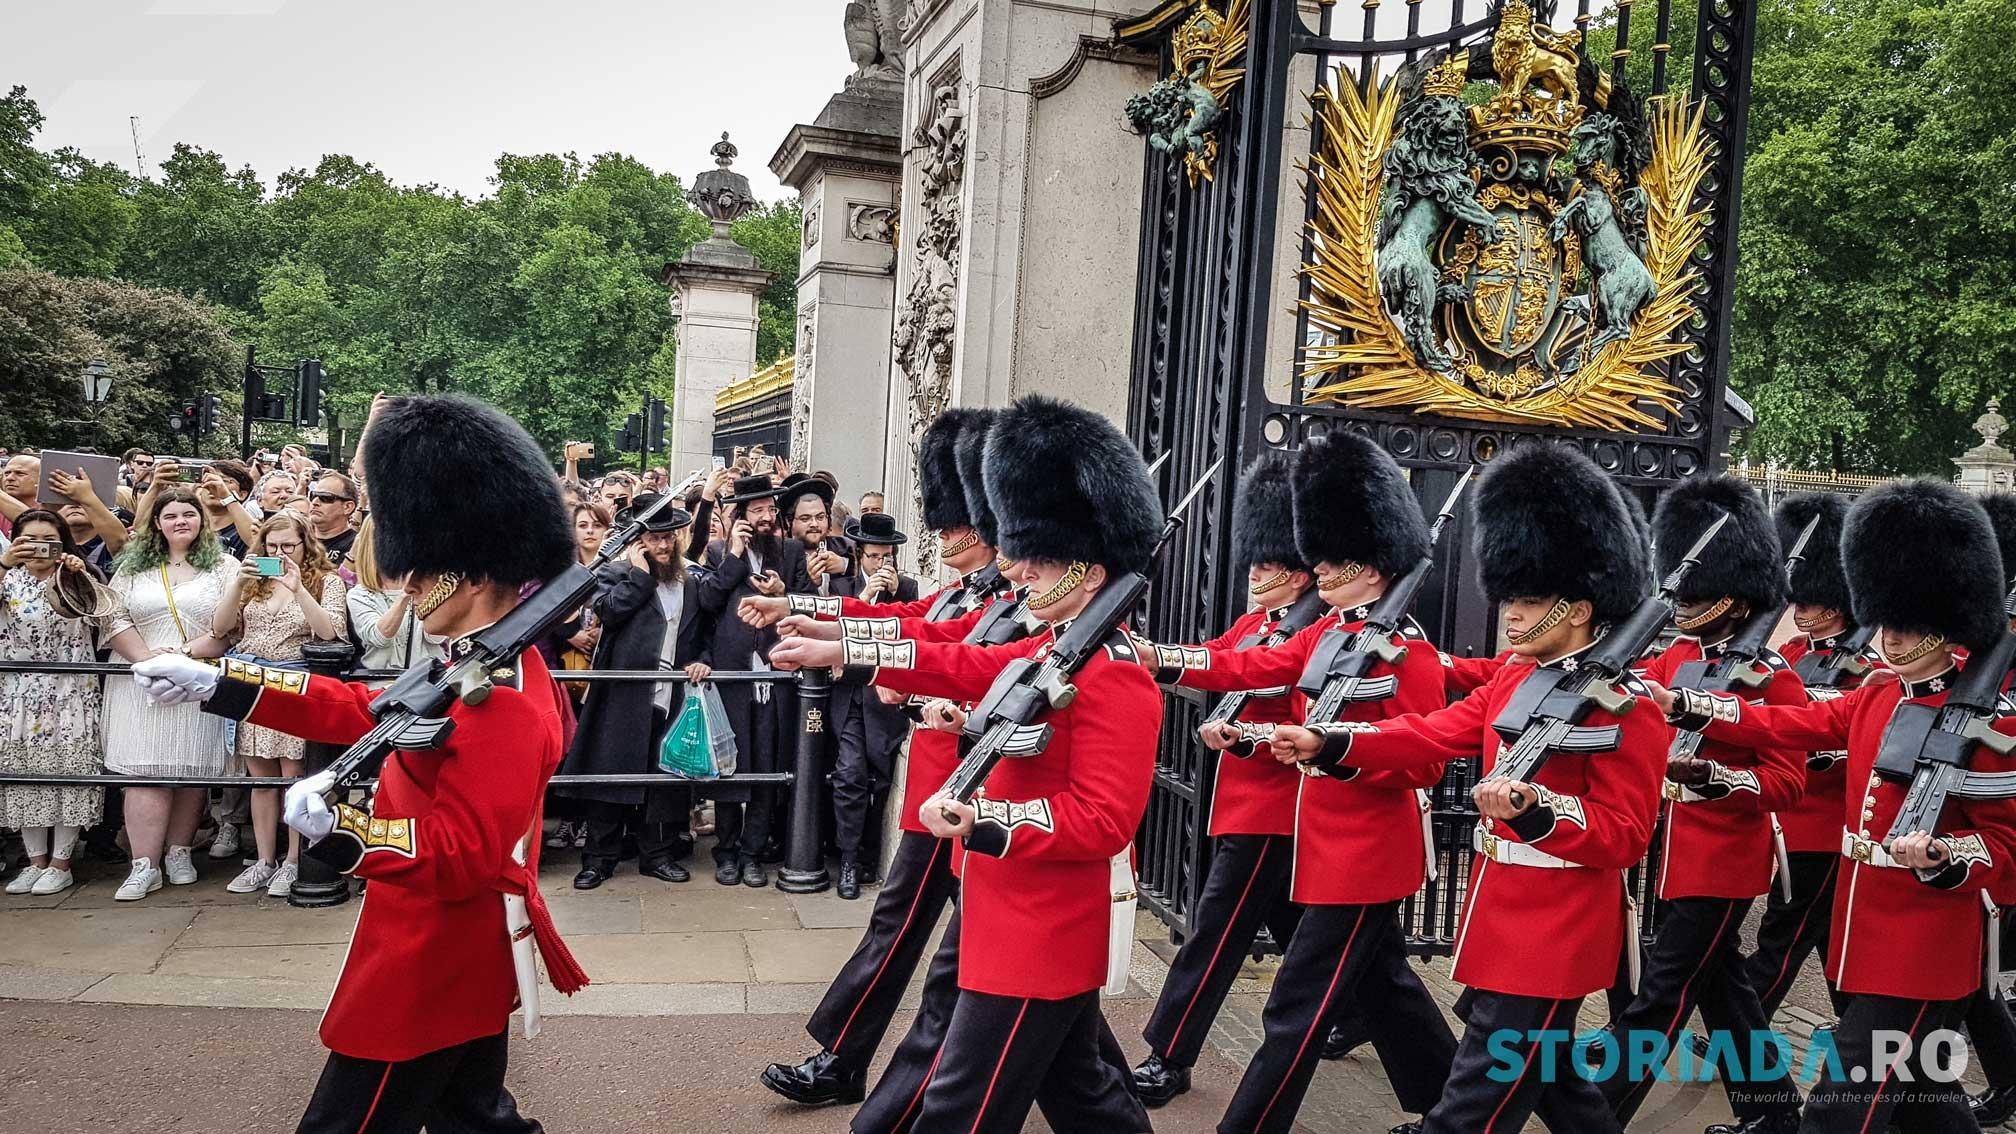 Garda Reginei, Bear Hatskin, Buckingham Palace, Londra